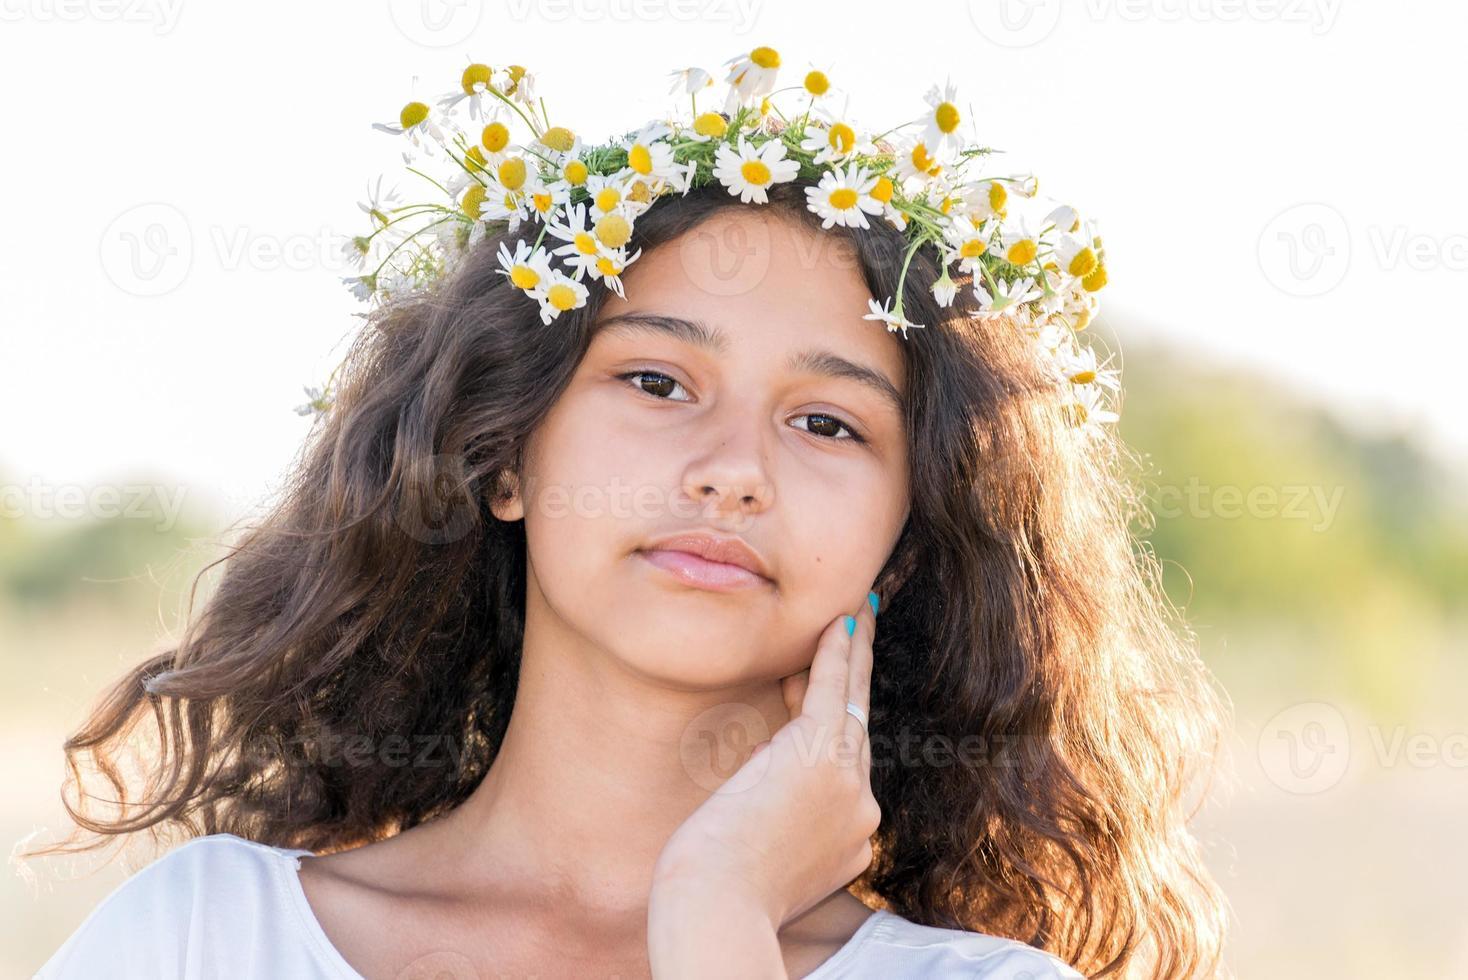 ragazza teenager con una corona di margherite in campo foto